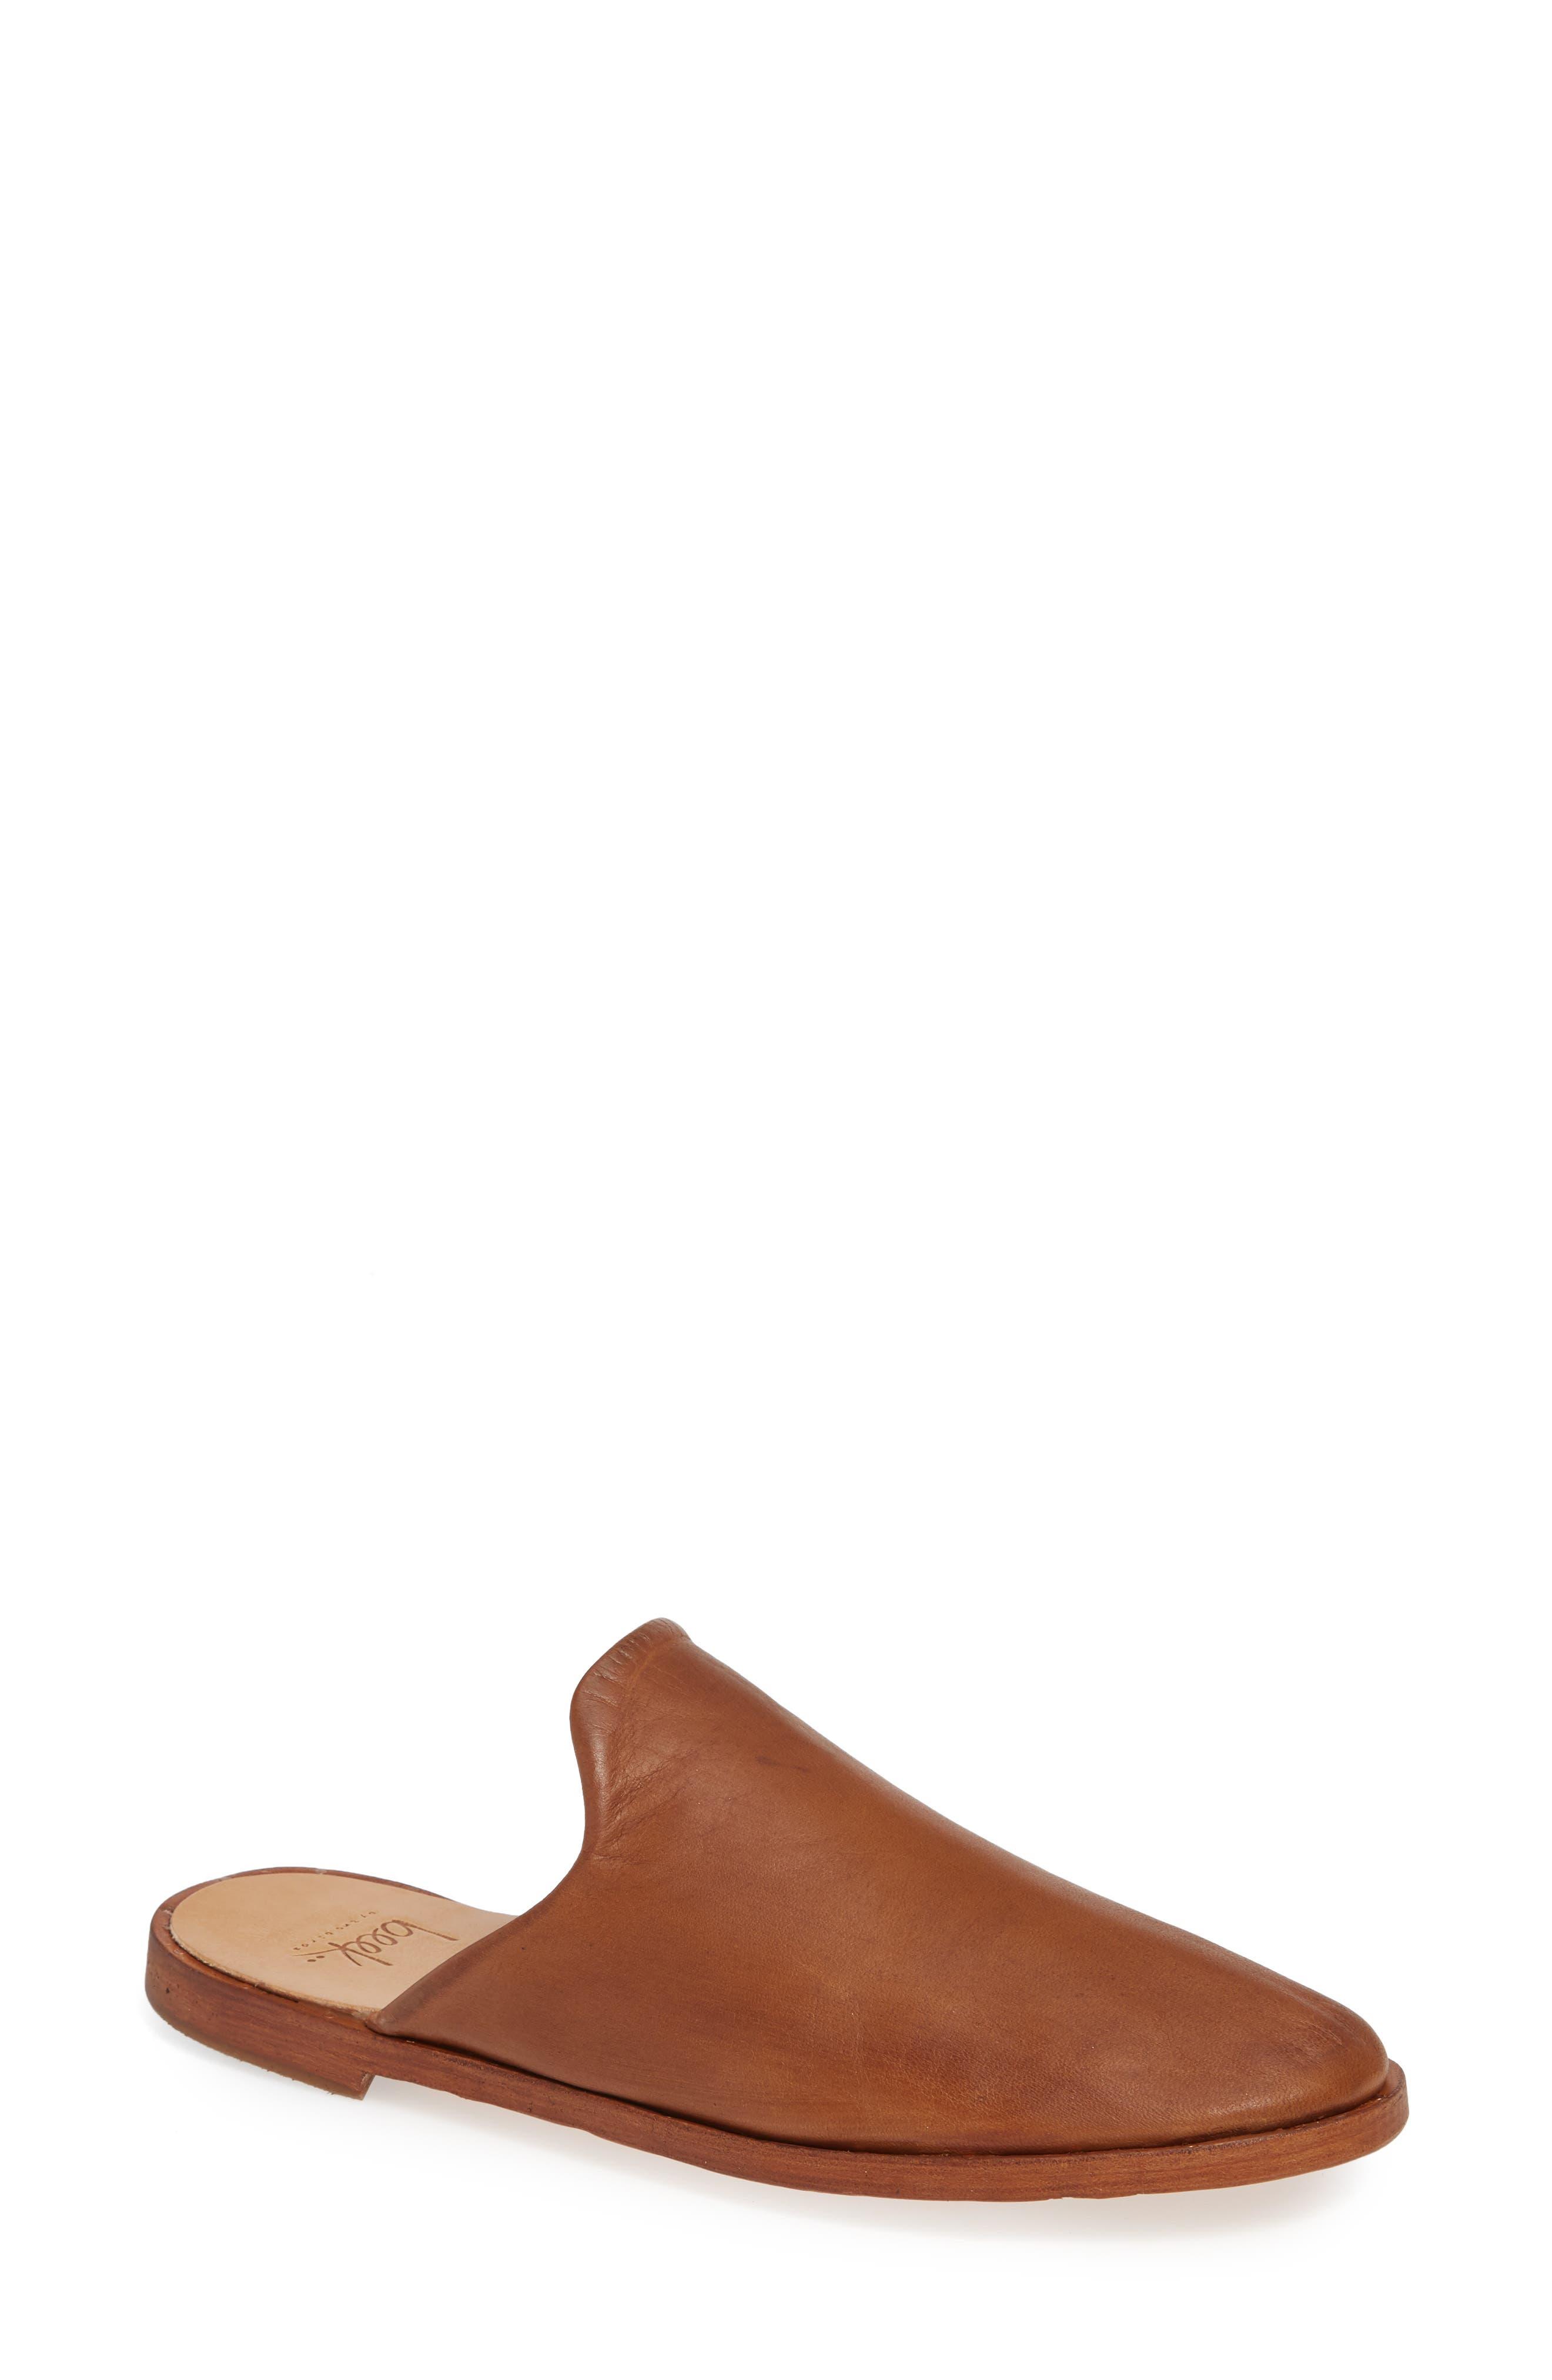 BEEK Siskin Mule in Vintage Saddle